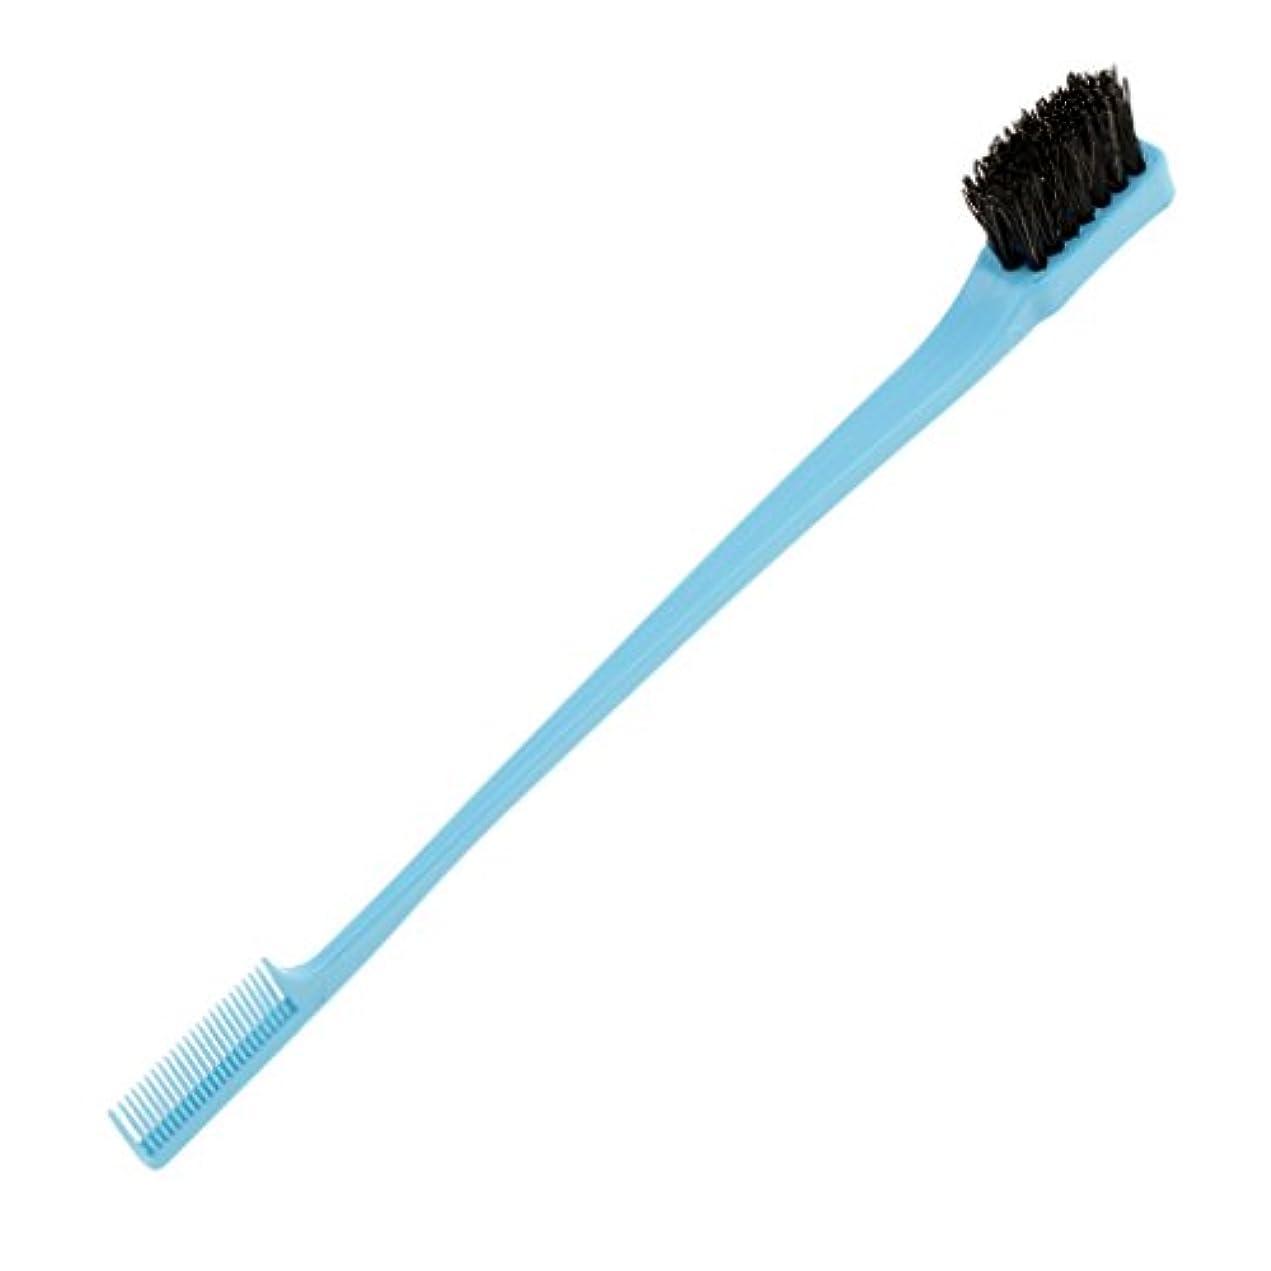 フリース叫ぶ二週間Blesiya ヘアブラシ ヘアコーム 両端使え 櫛 プラスチック製 ひげ口髭 ラインひげ整え ヘアースタイリング エッジ削り 便利 7インチ 4色選べる - 青